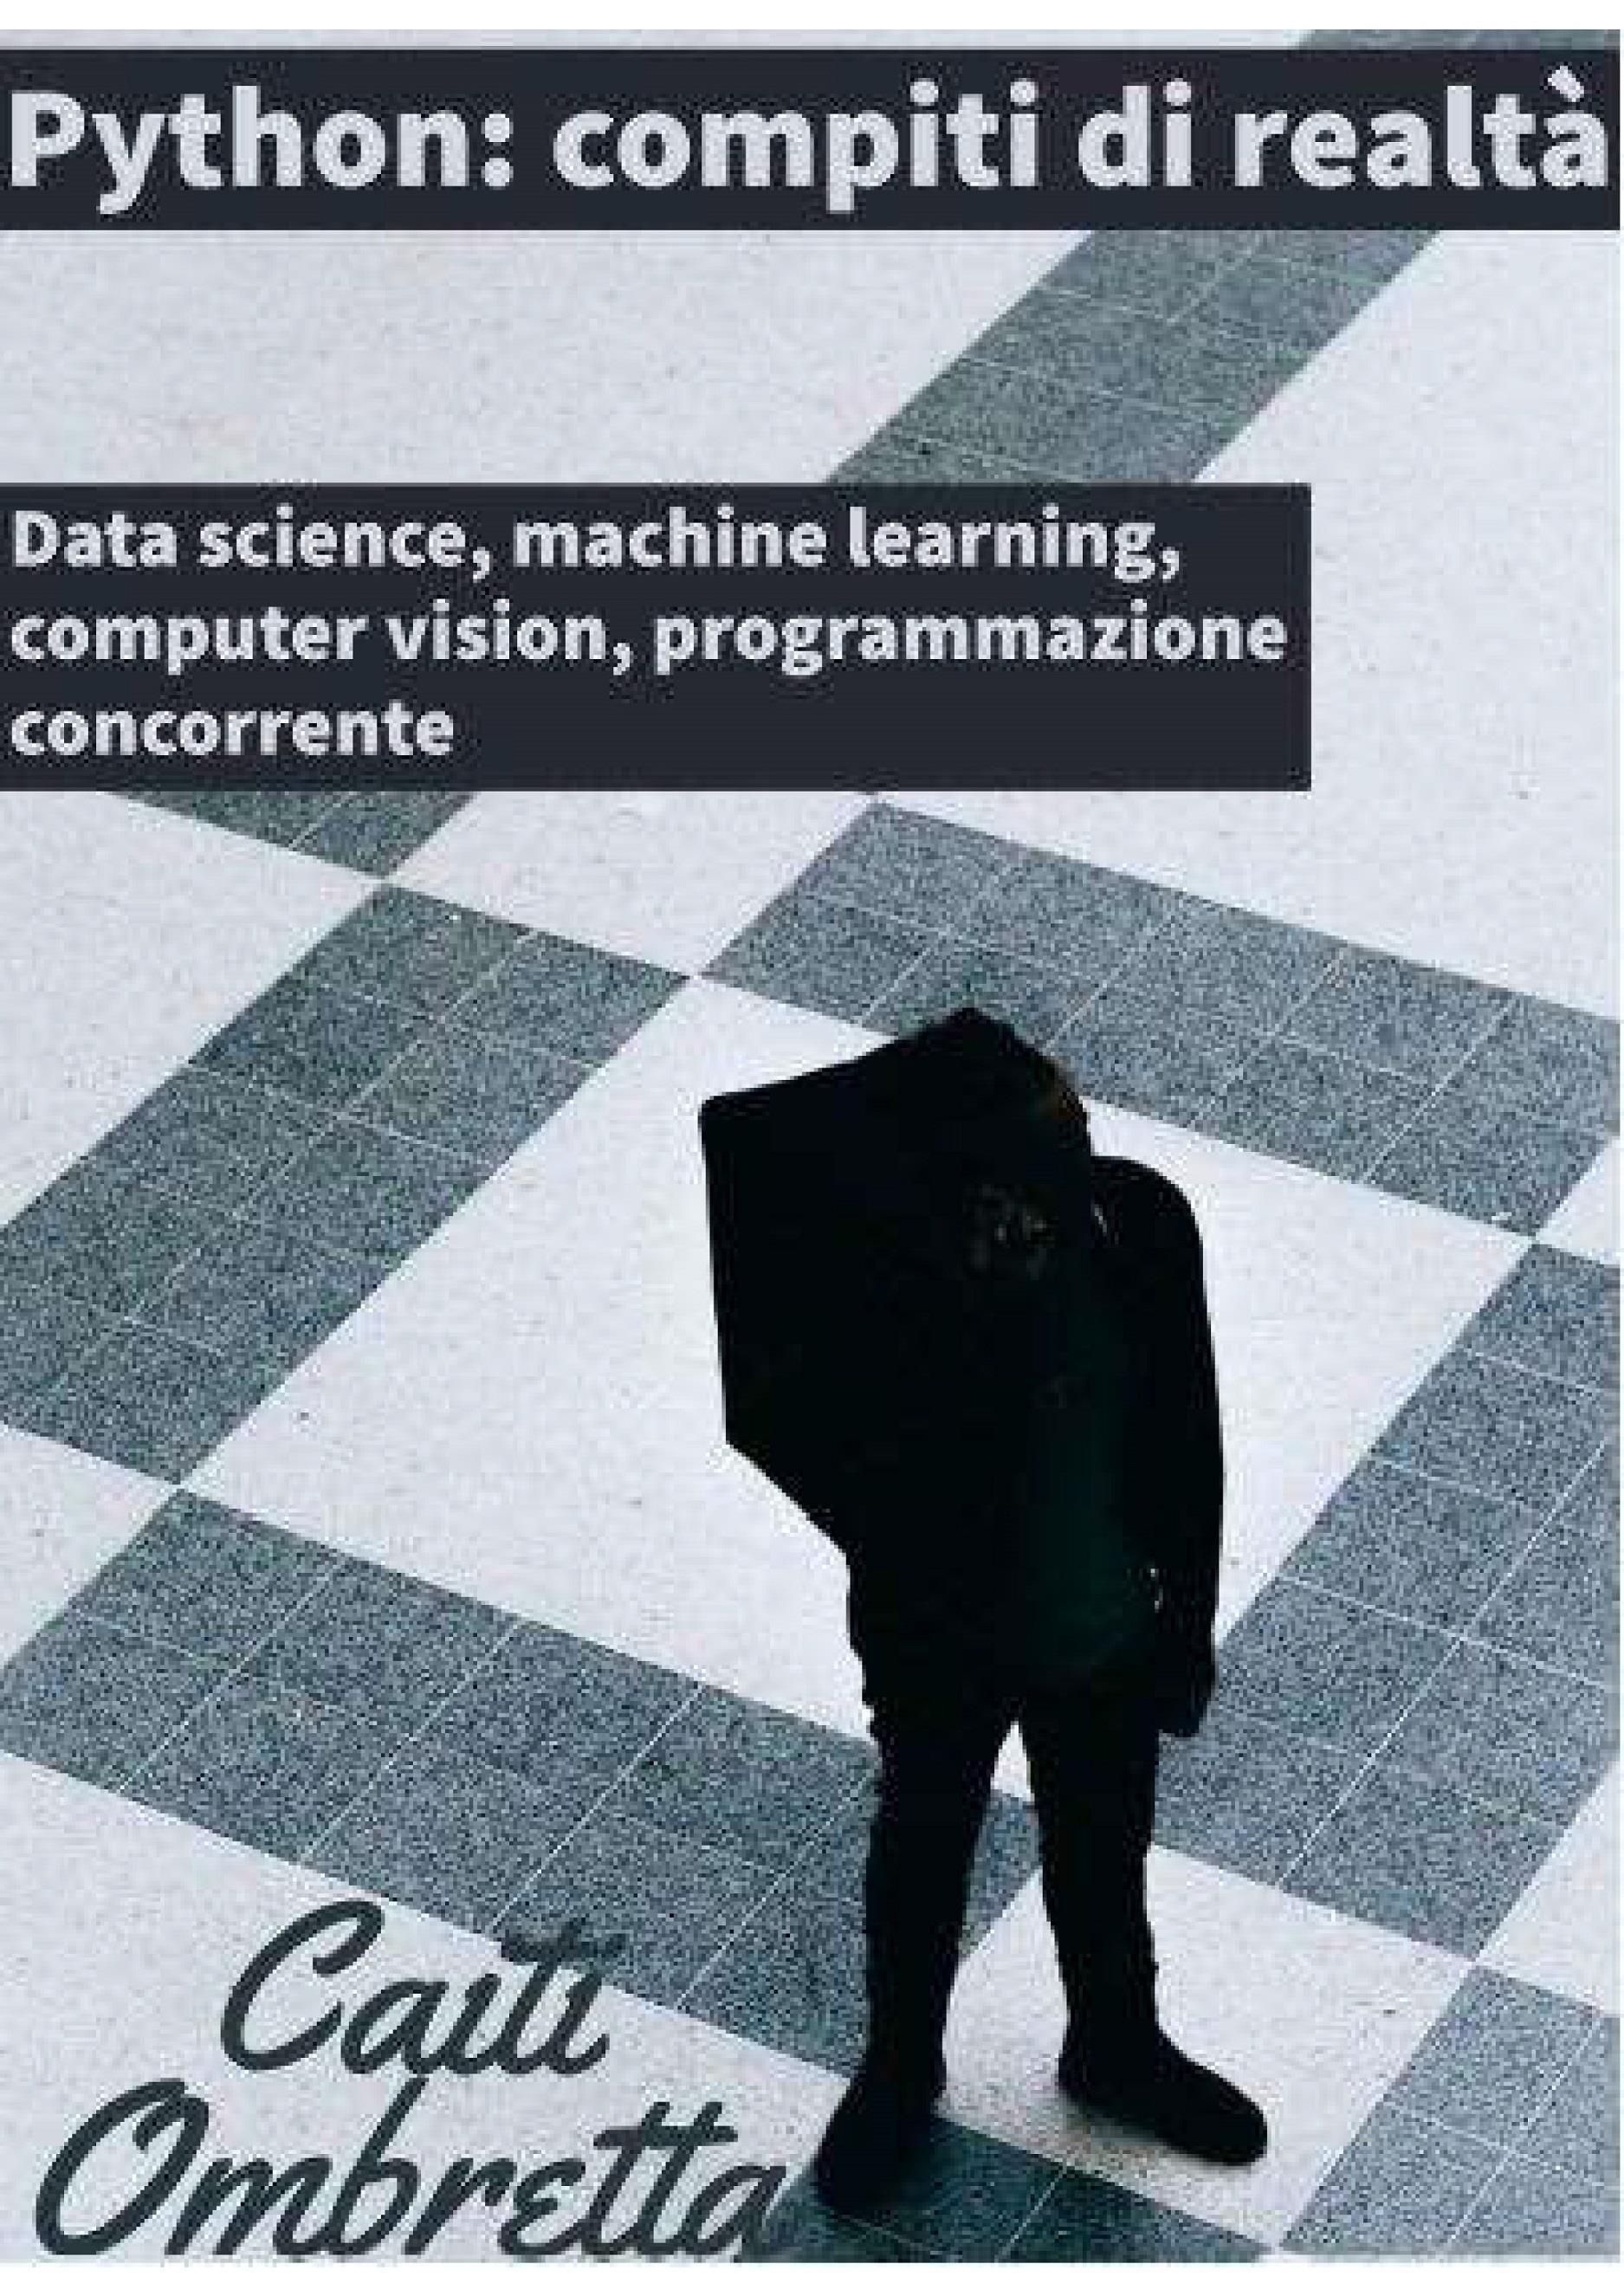 Python: compiti di realtà